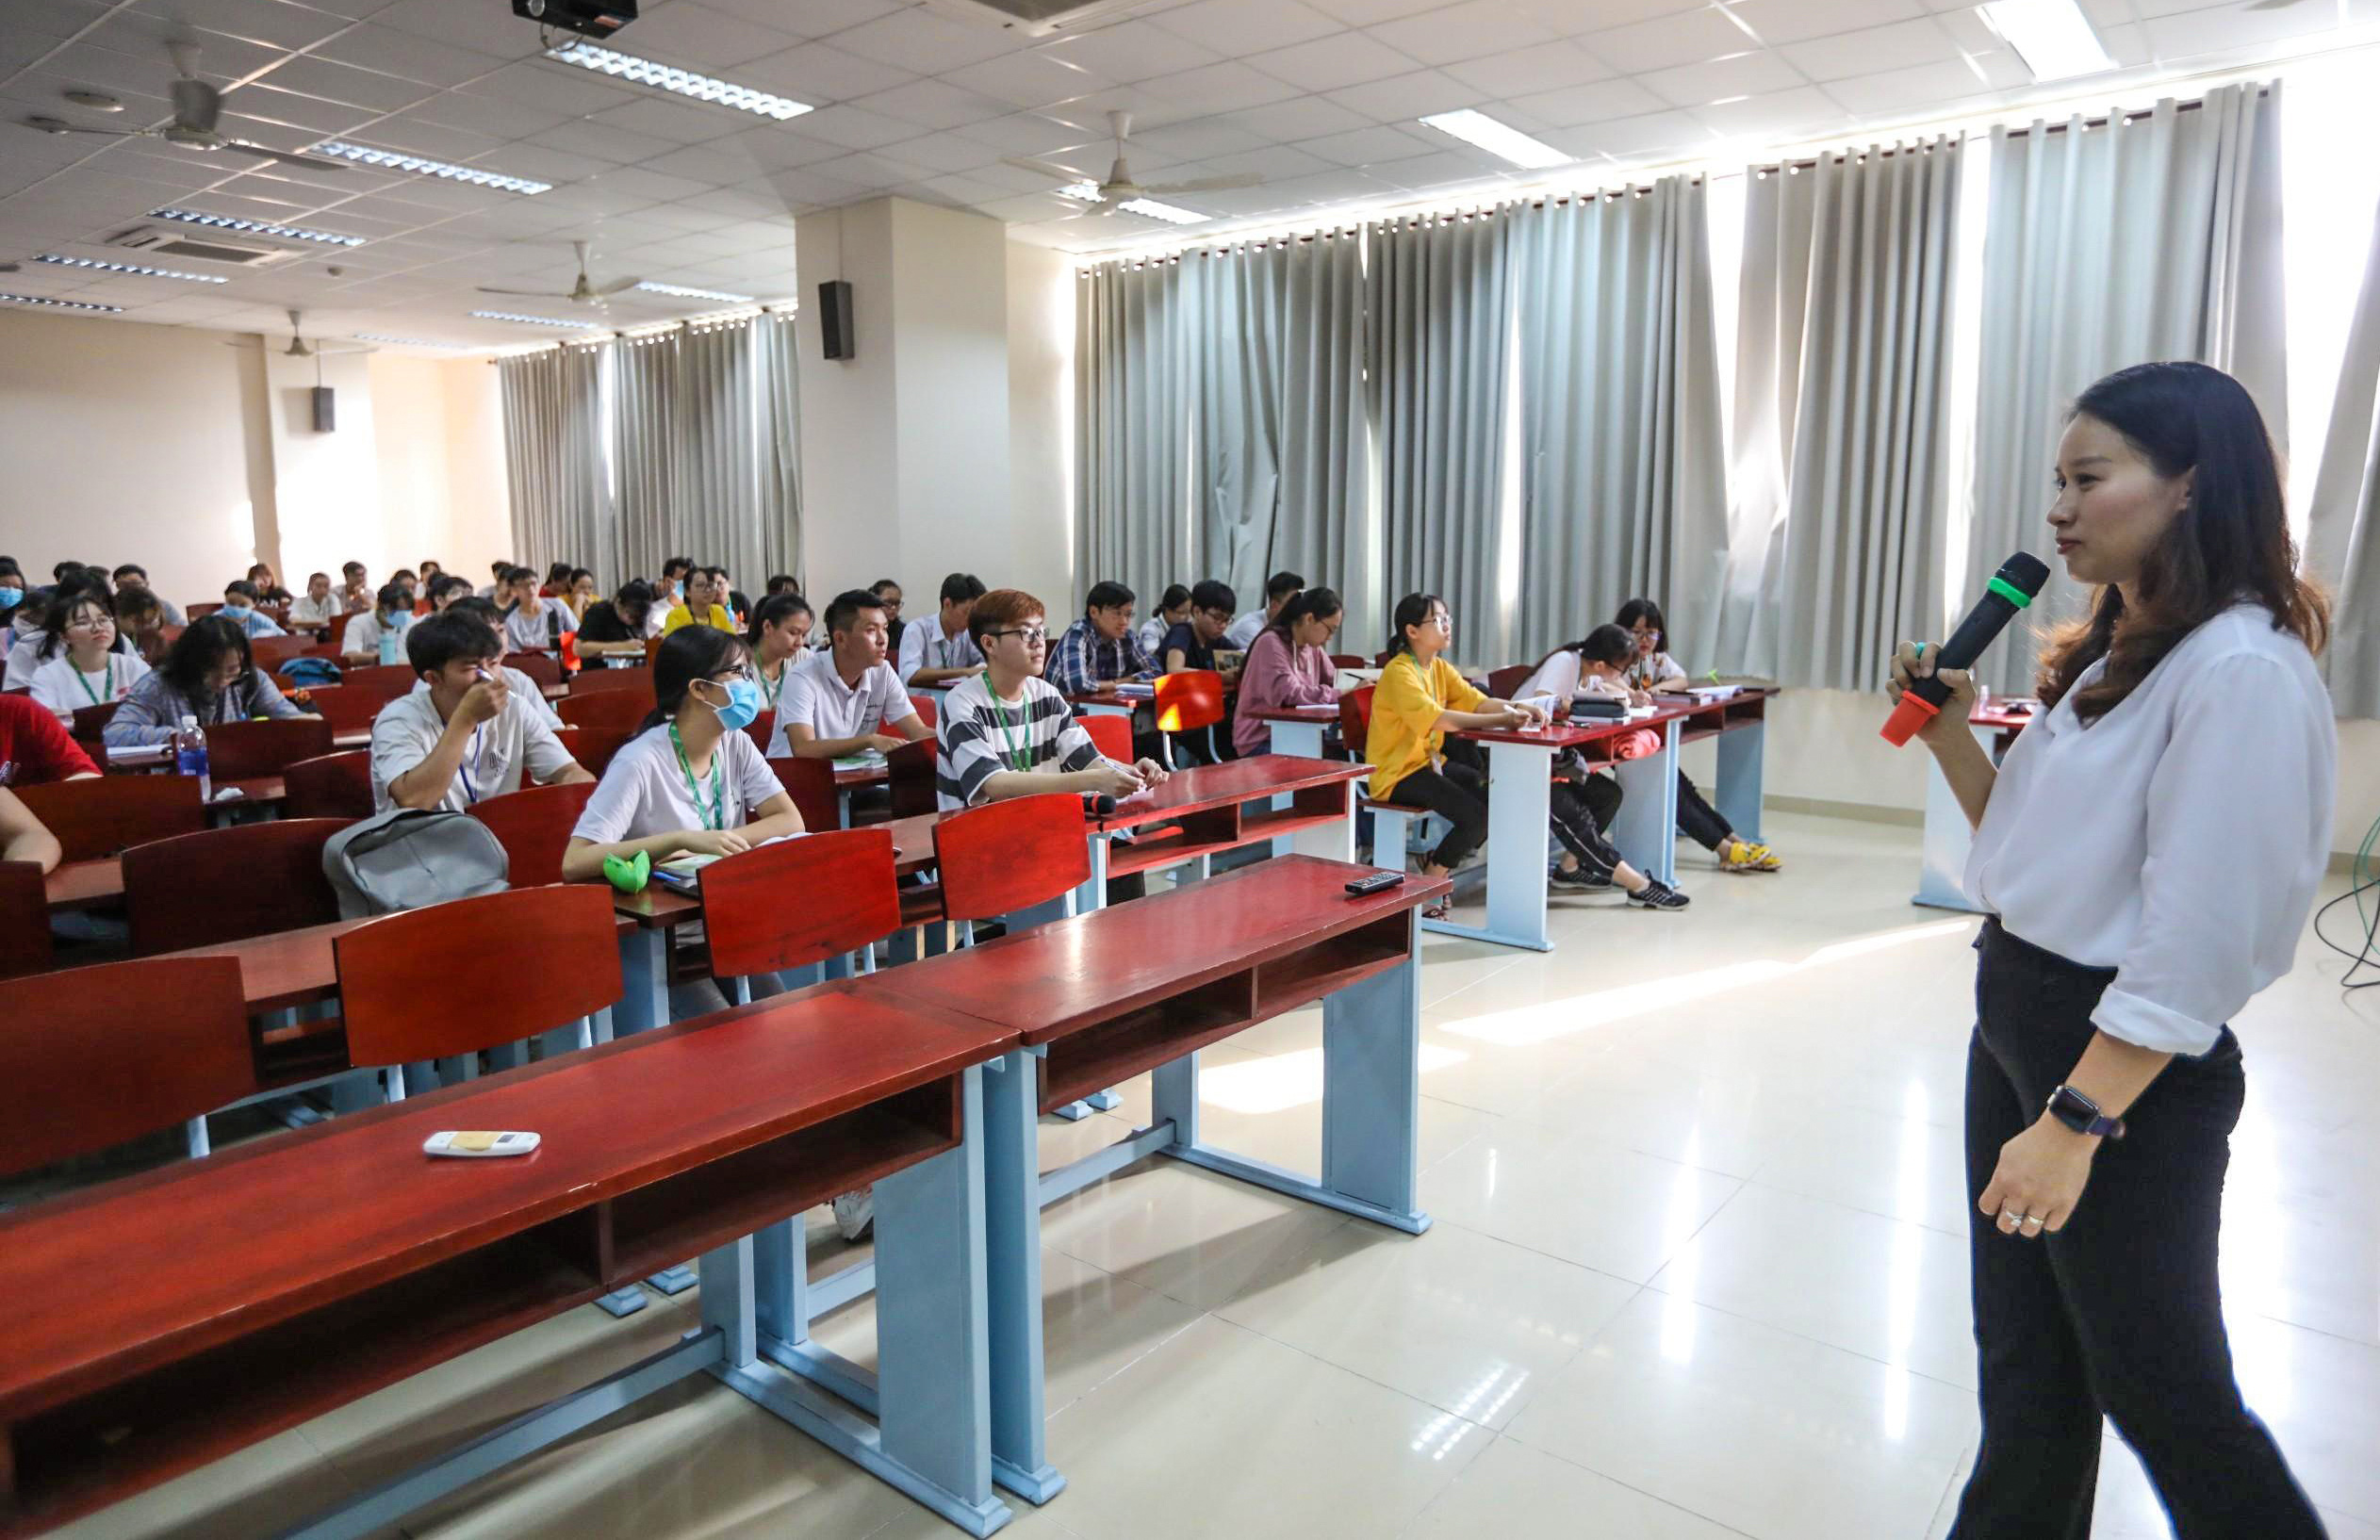 Trường ĐH duy nhất tại TP.HCM trở lại học tập, sinh viên bịt khẩu trang kín mít, kiểm tra nghiêm ngặt khi vào trường - Ảnh 17.